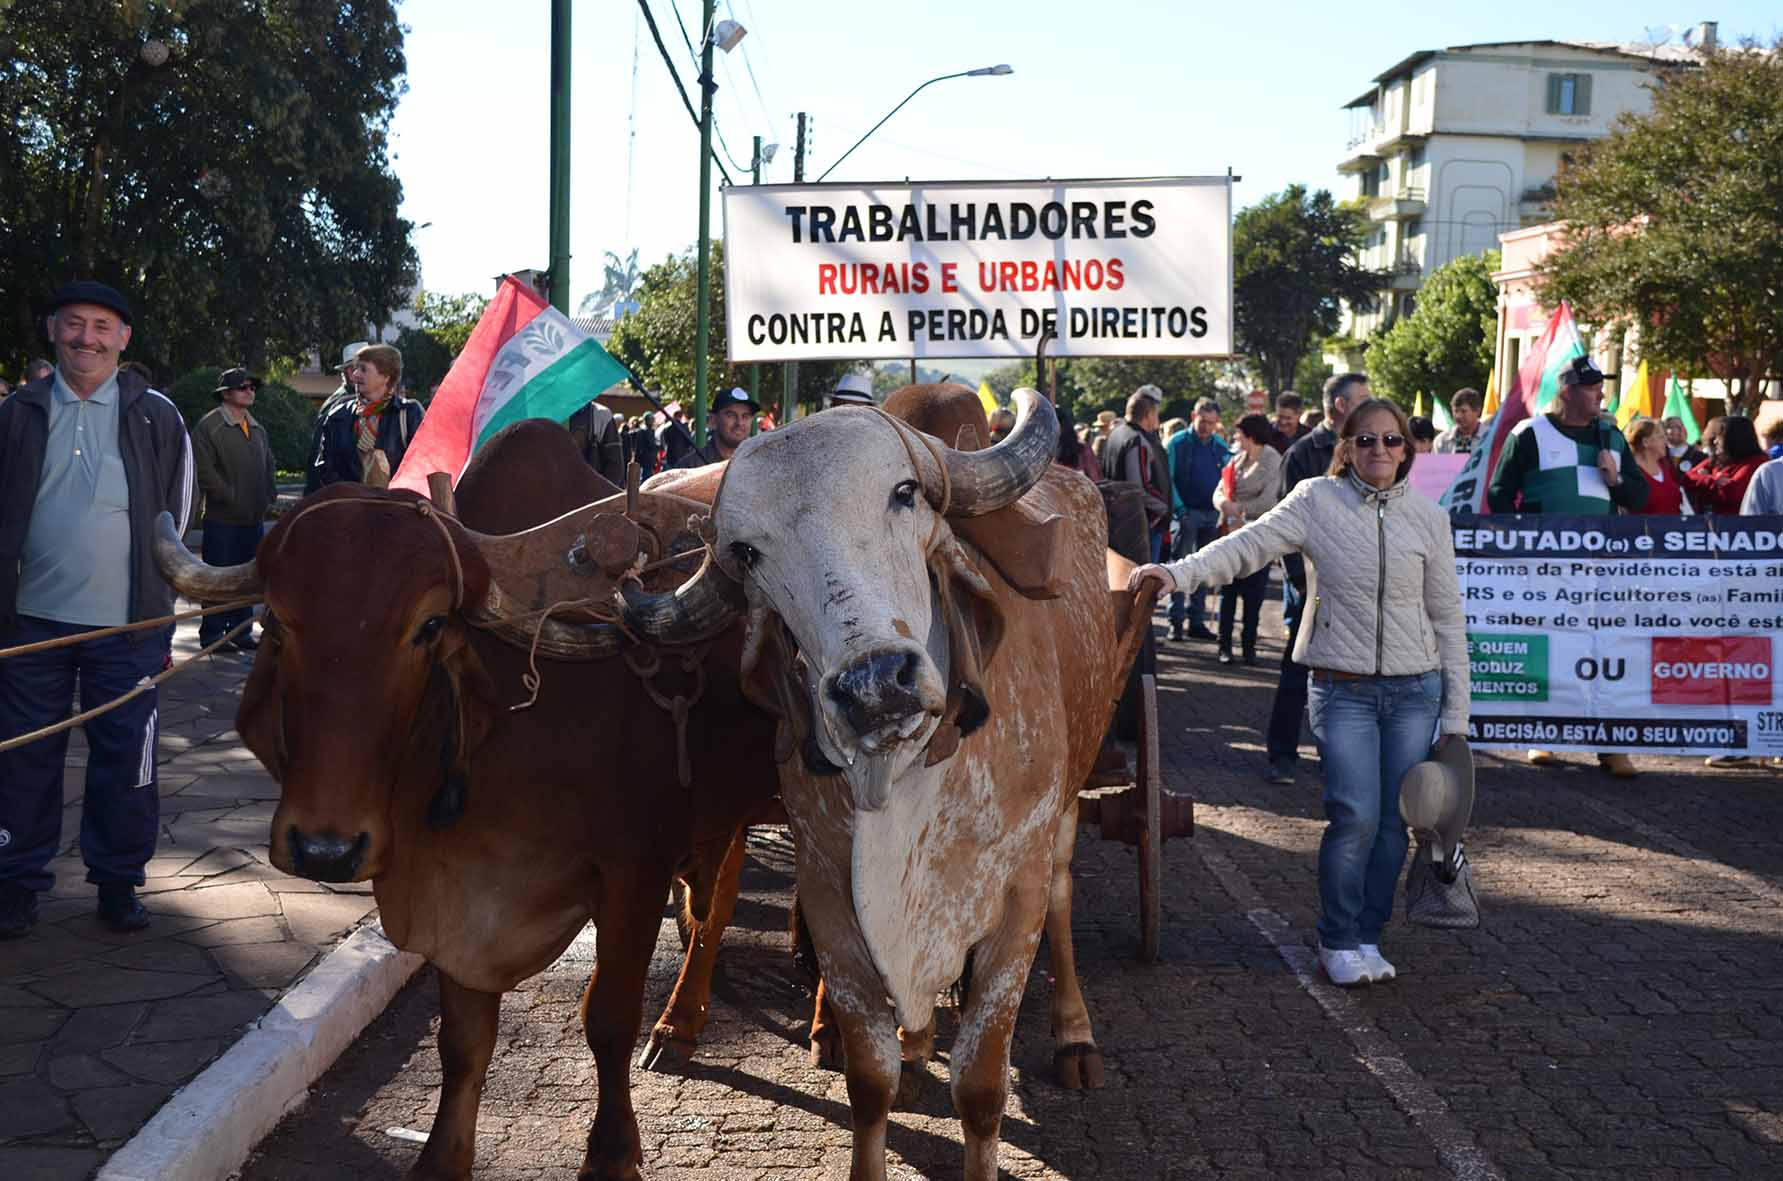 Protesto (12)